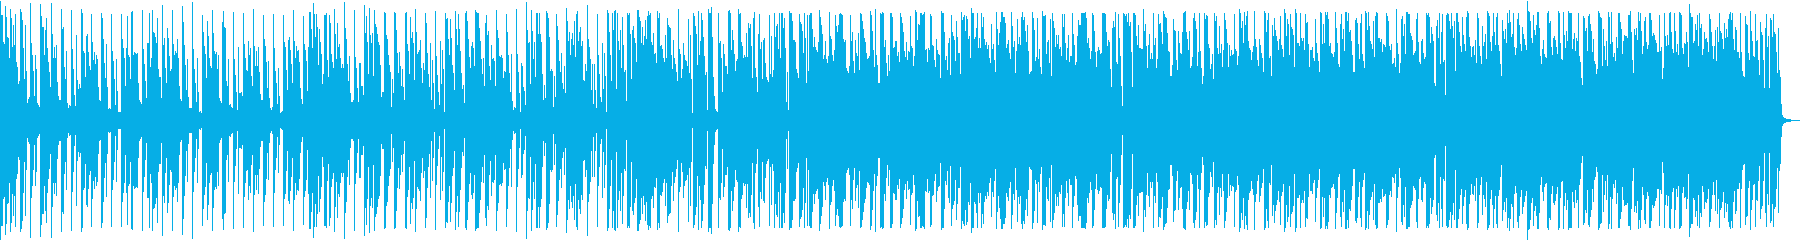 爽やかポップ_No636_3の再生済みの波形